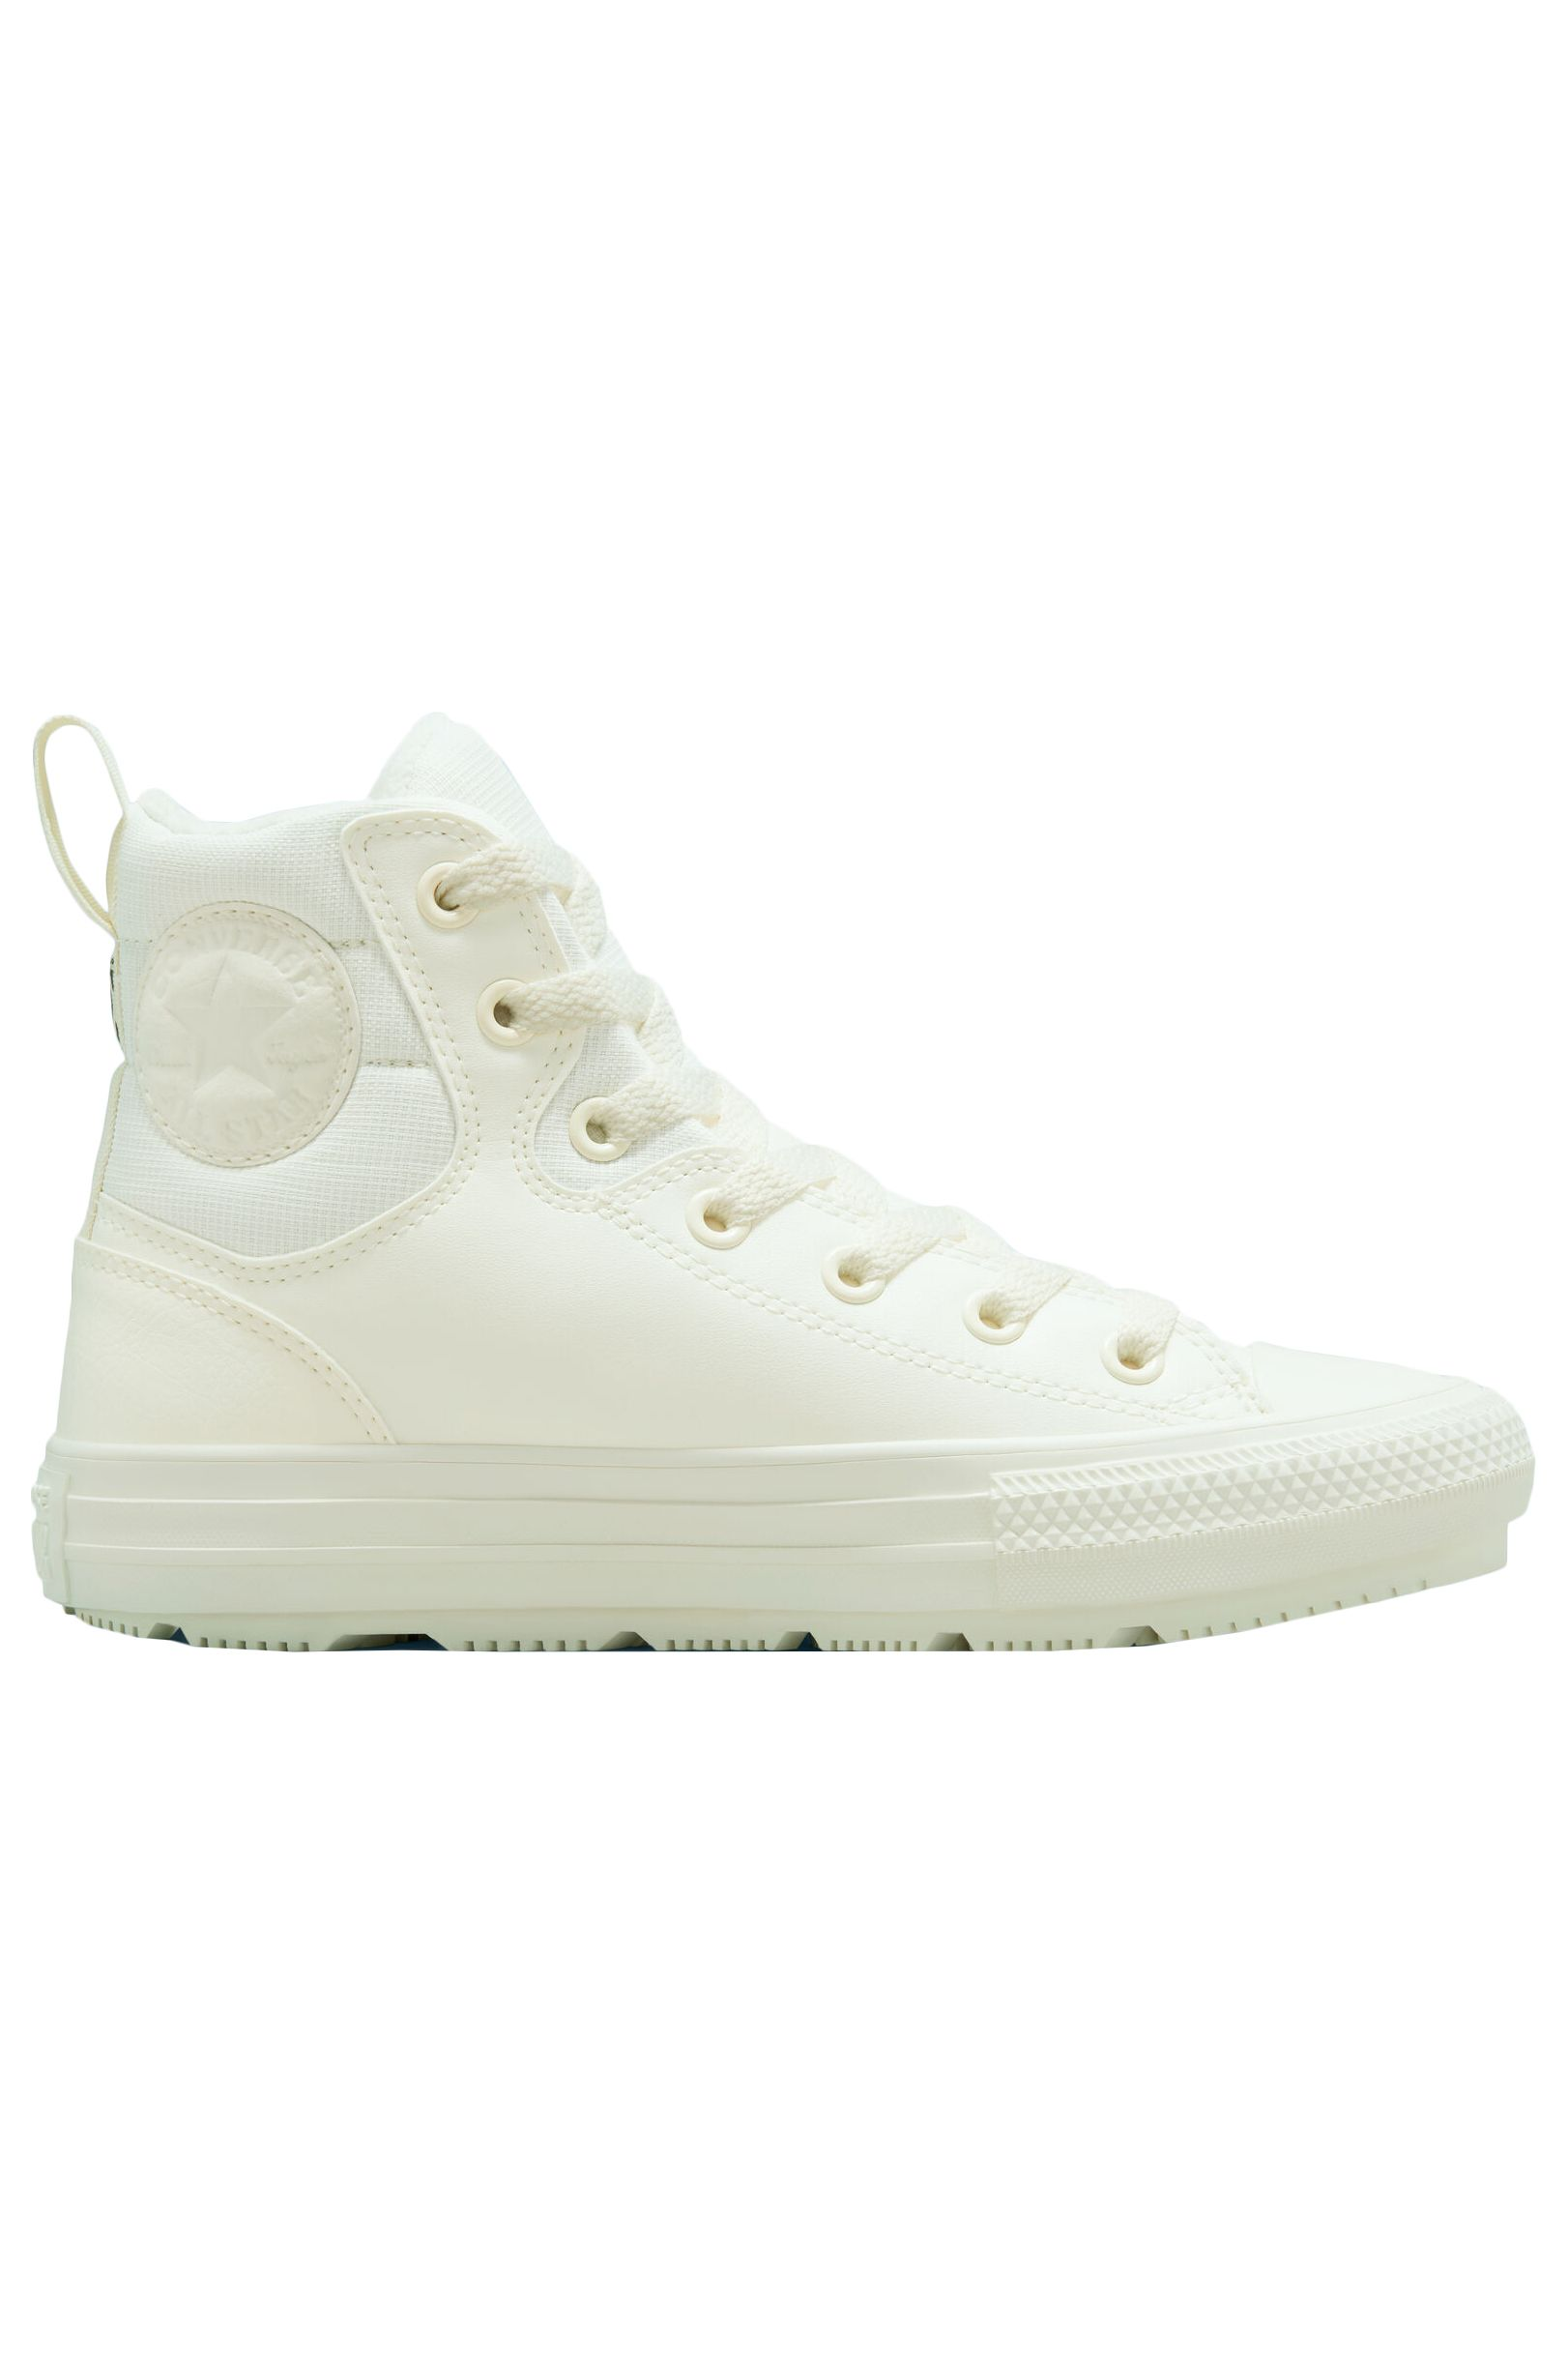 Converse Shoes CHUCK TAYLOR ALL STAR BERKSHIRE BOOT HI Egret/Bold Mandarin/Egret